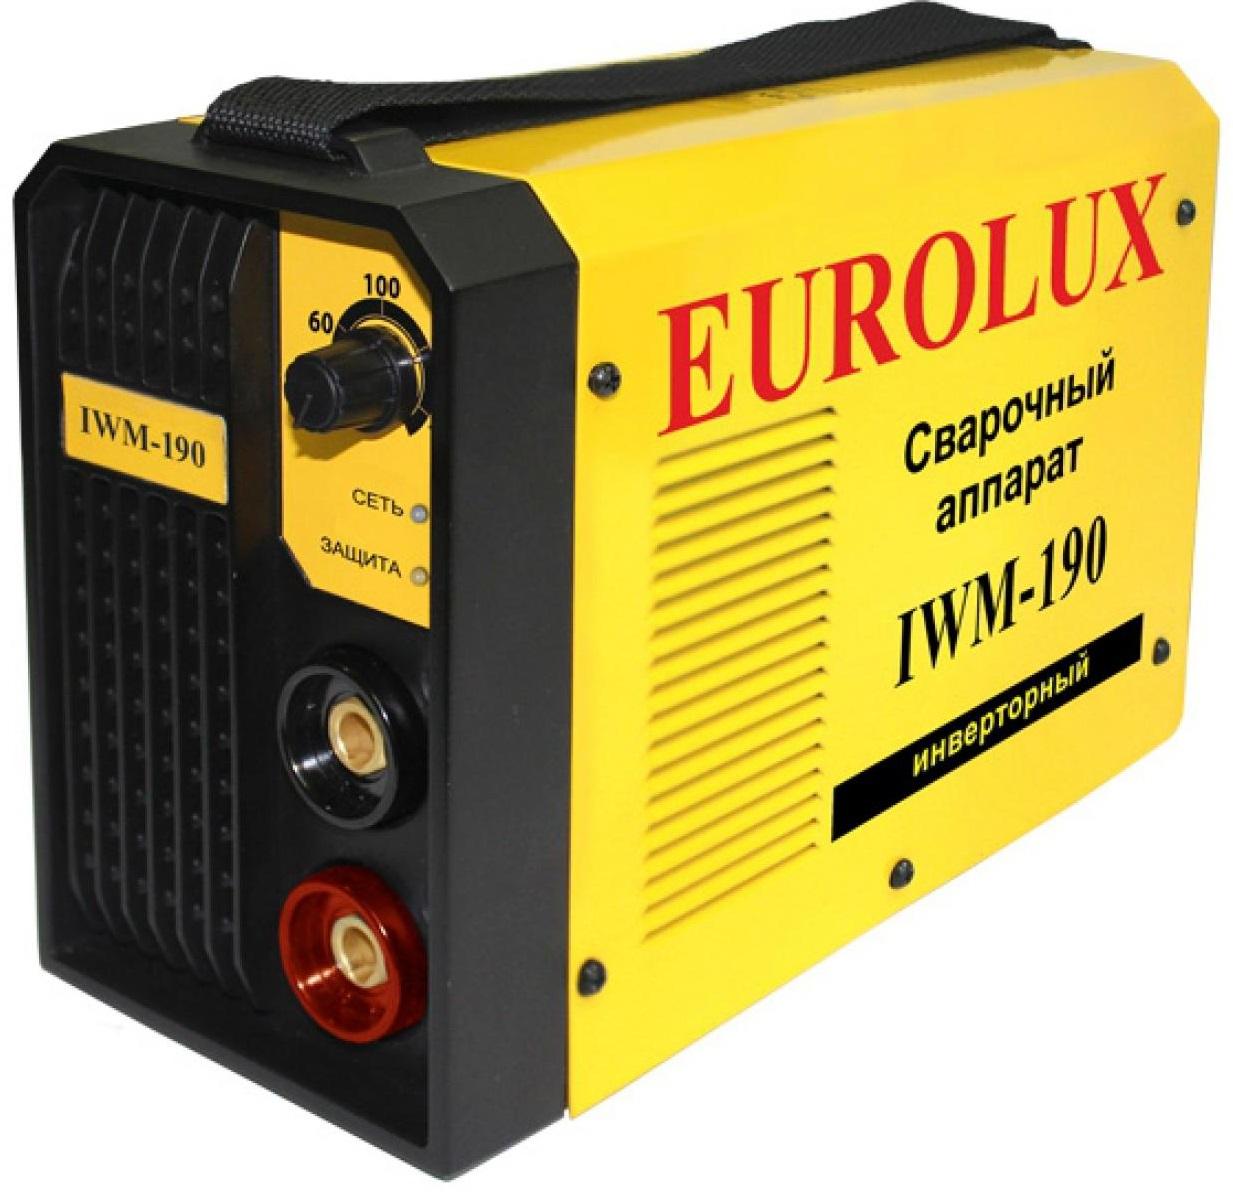 Eurolux IWM190 (65/27) - инверторный сварочный аппарат